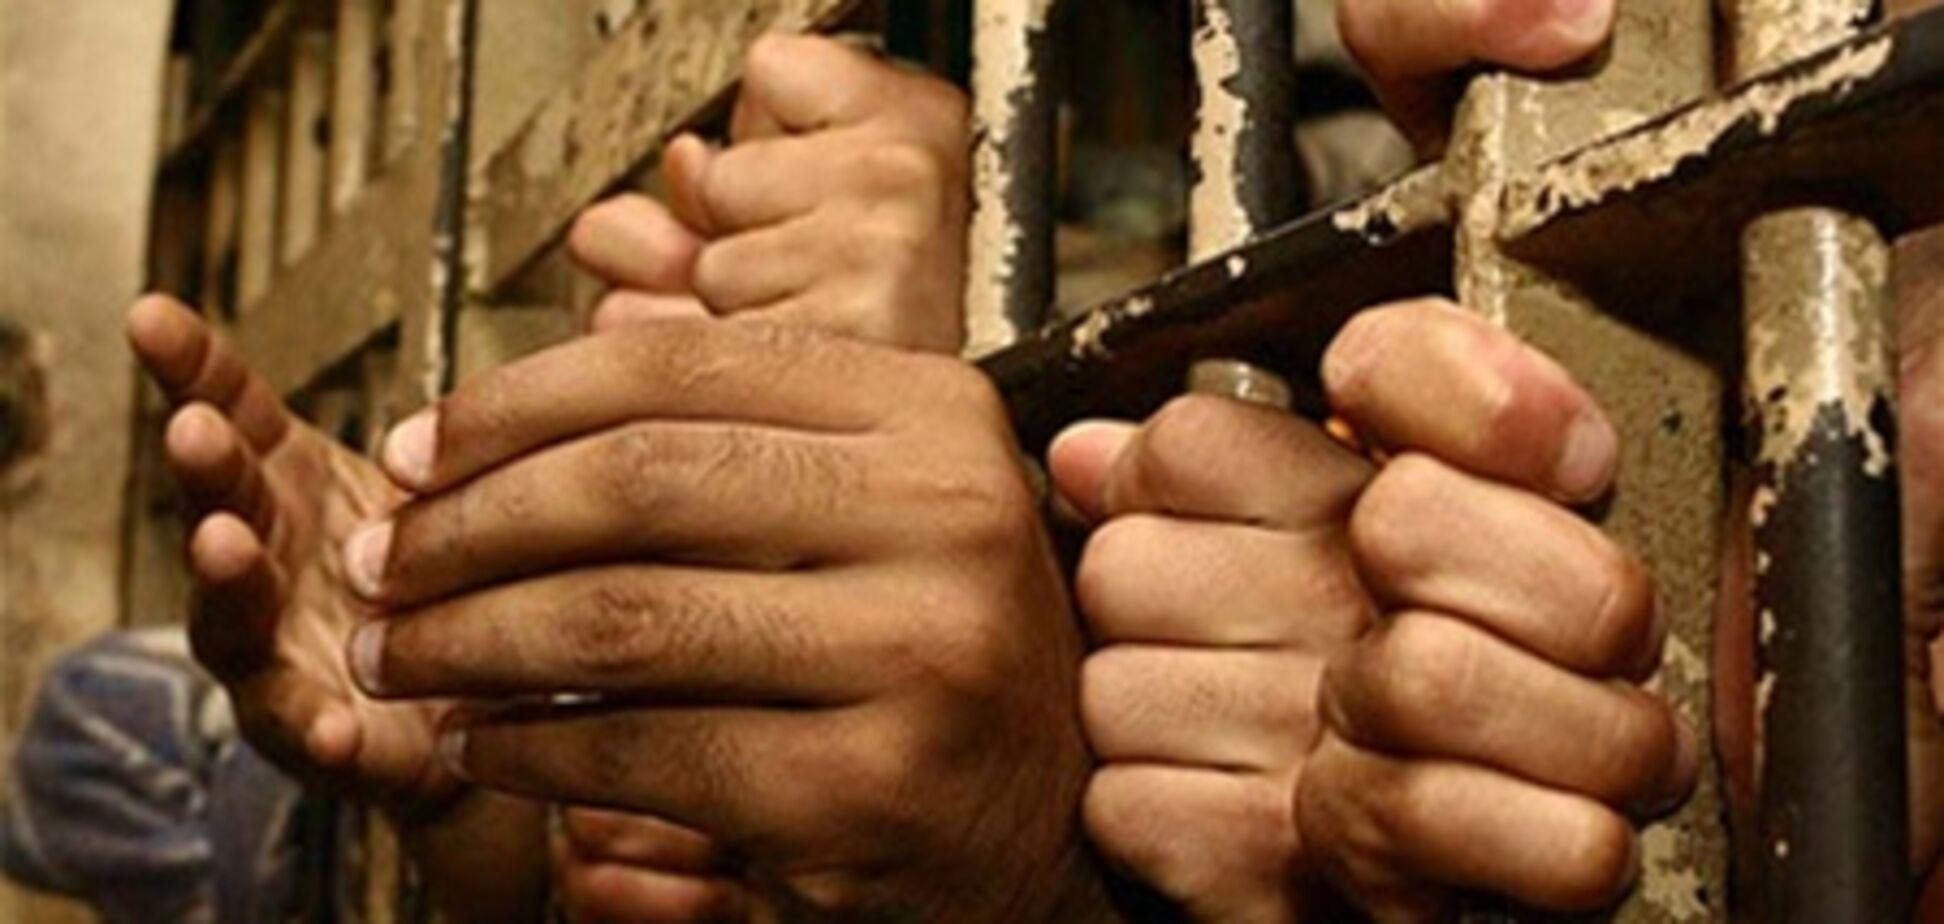 Прокуратура вивчає інформацію про порушення в Єнакіївської колонії